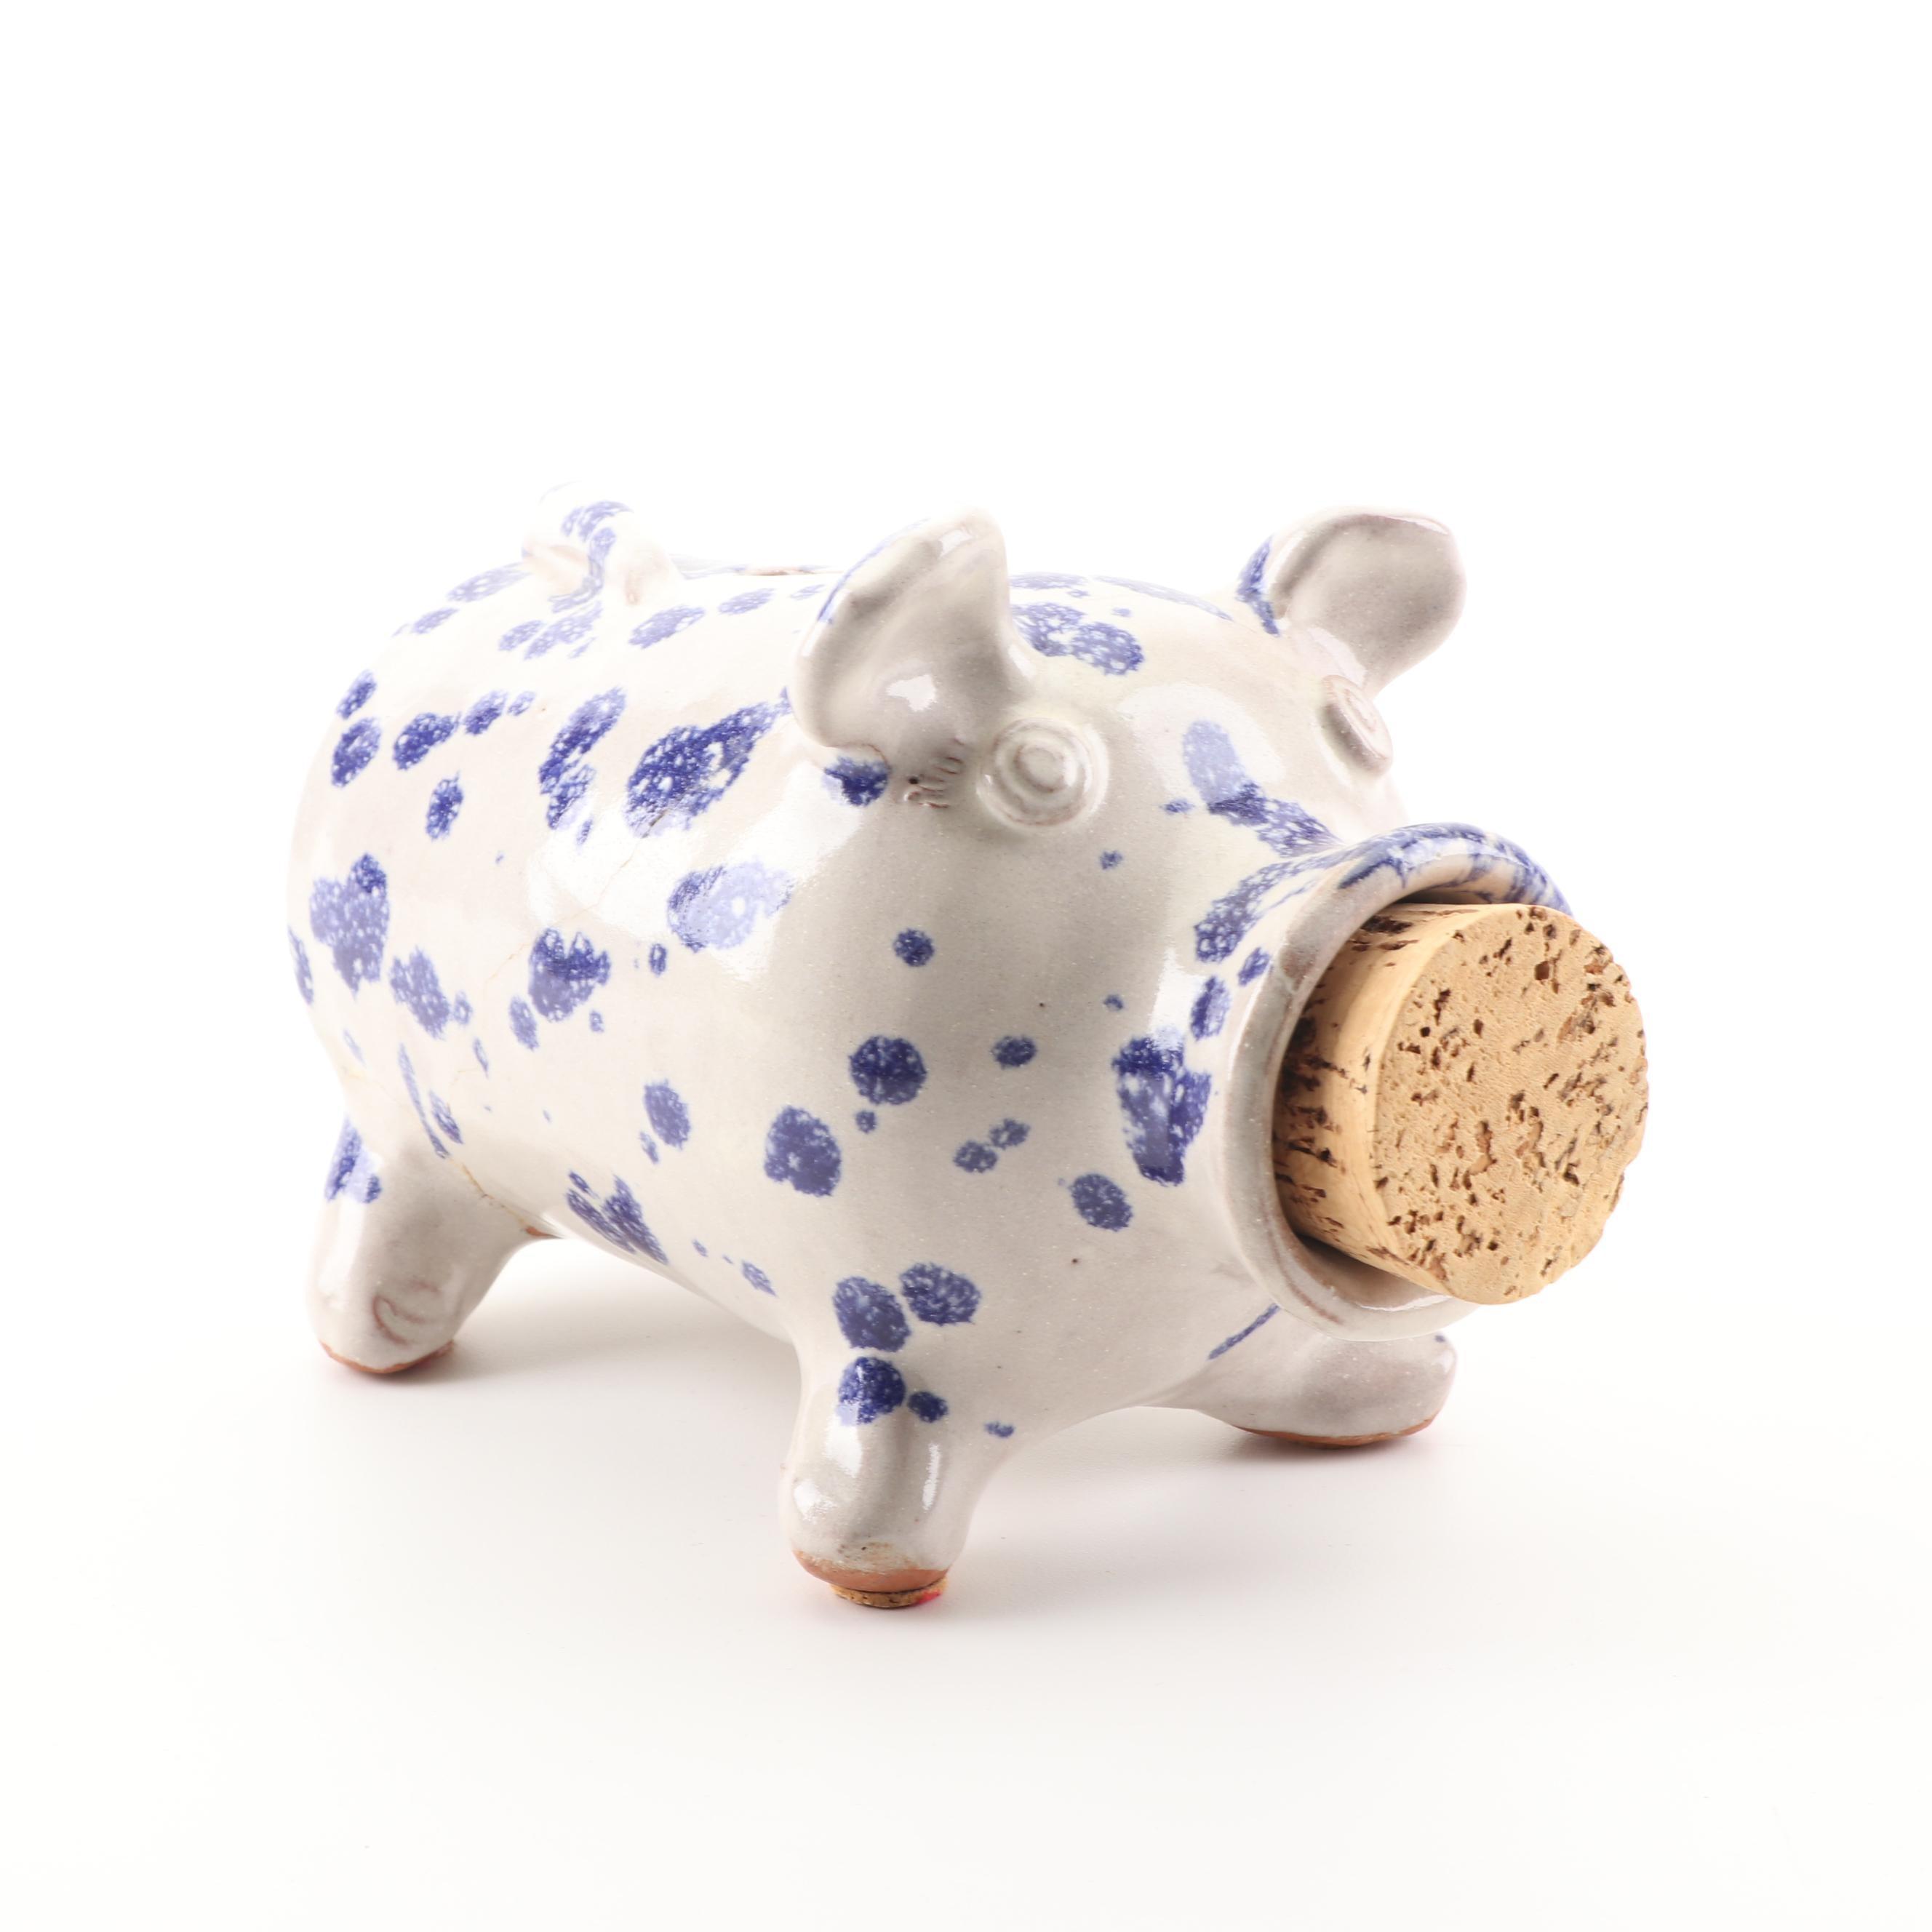 Earthenware Piggy Bank